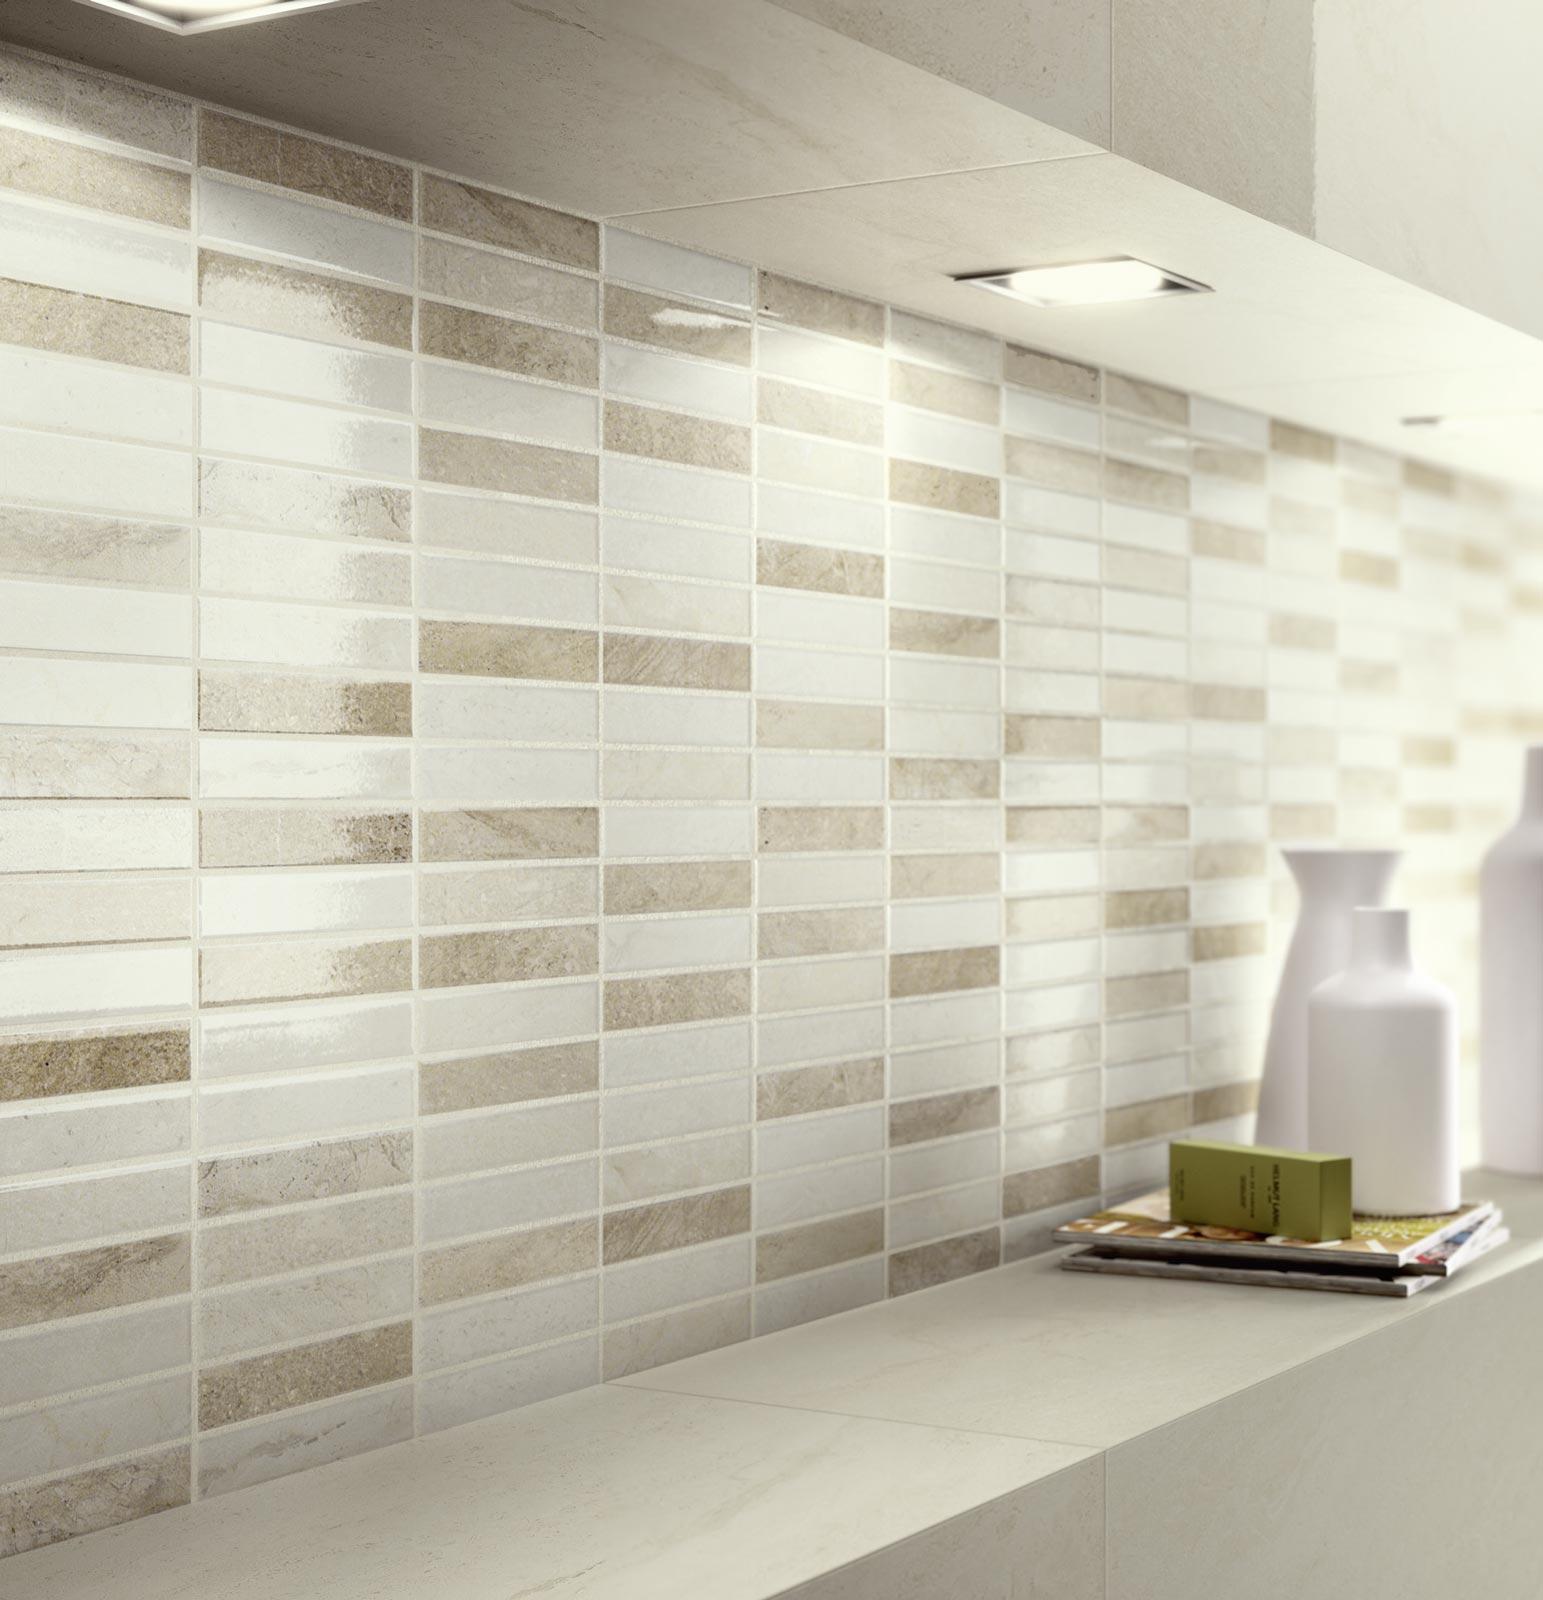 Collezione grace piastrelle in ceramica per il tuo bagno for Piastrelle per bagno